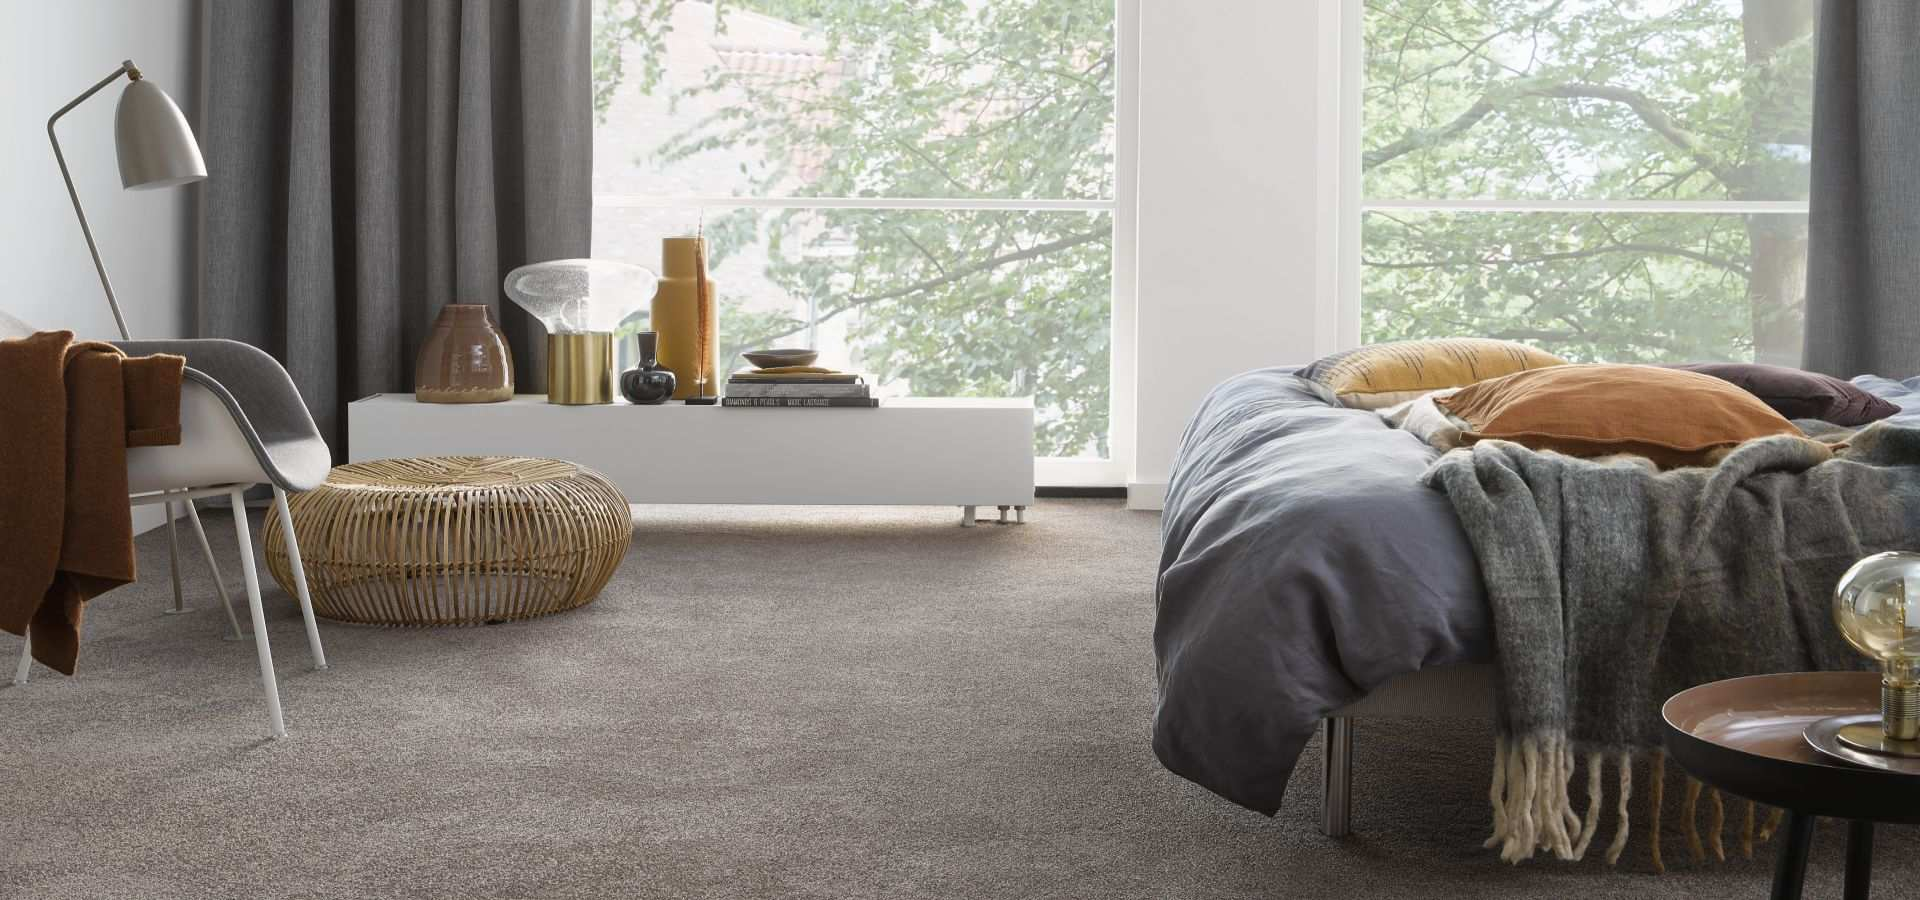 Bild Schlafzimmer Teppichboden Soft dunkelbeige